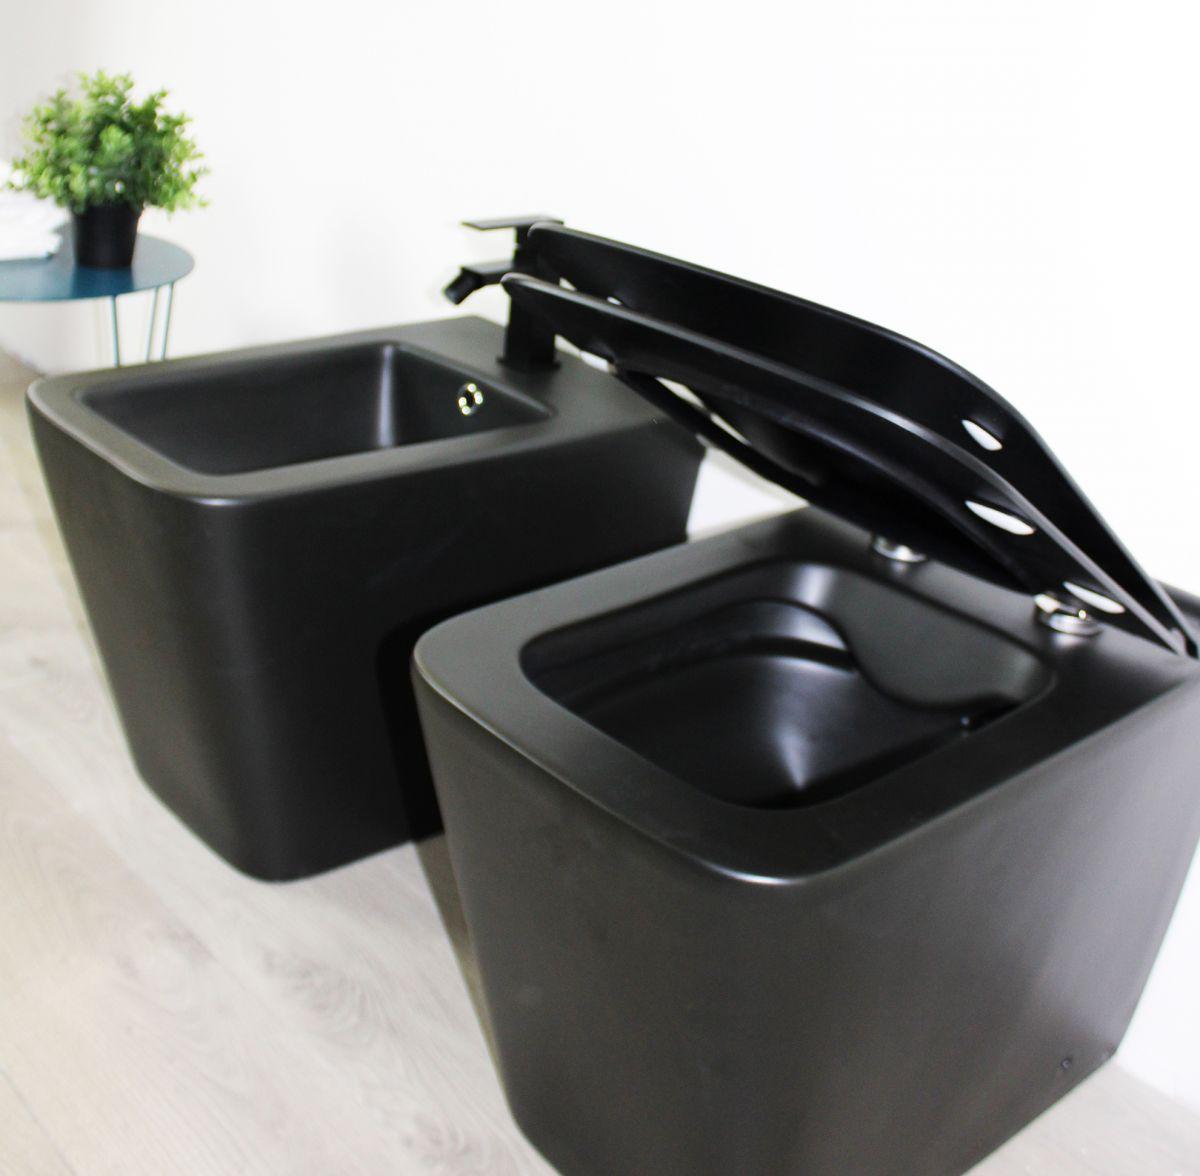 Square terra nero rimless Sanitari filo muro Square in ceramica col nero opaco Vaso+Bidet+Coprivaso Soft Close